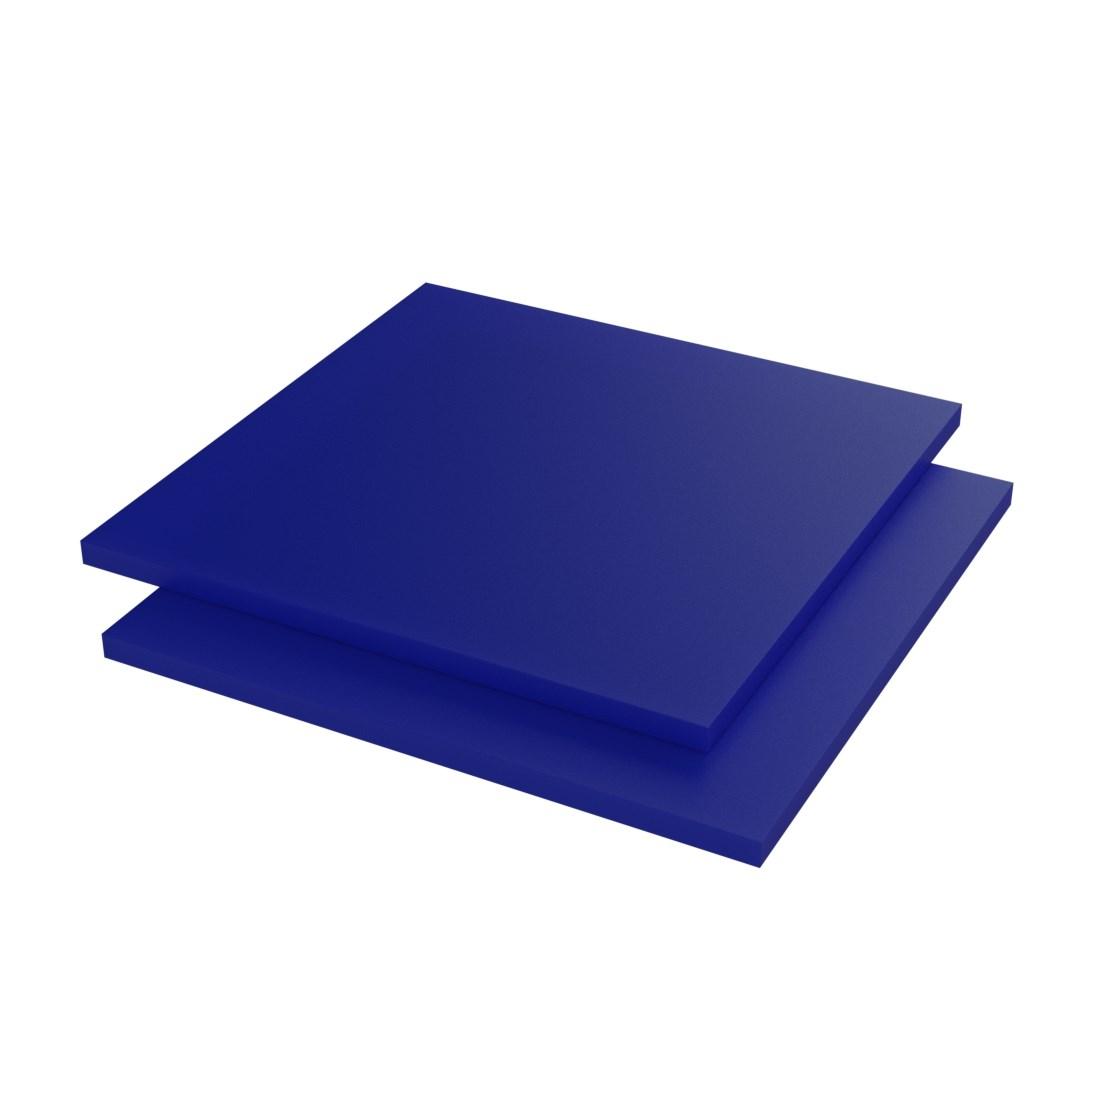 Vinplast POM C Plaat FG-10/2011 Blauw 3000x620x10mm